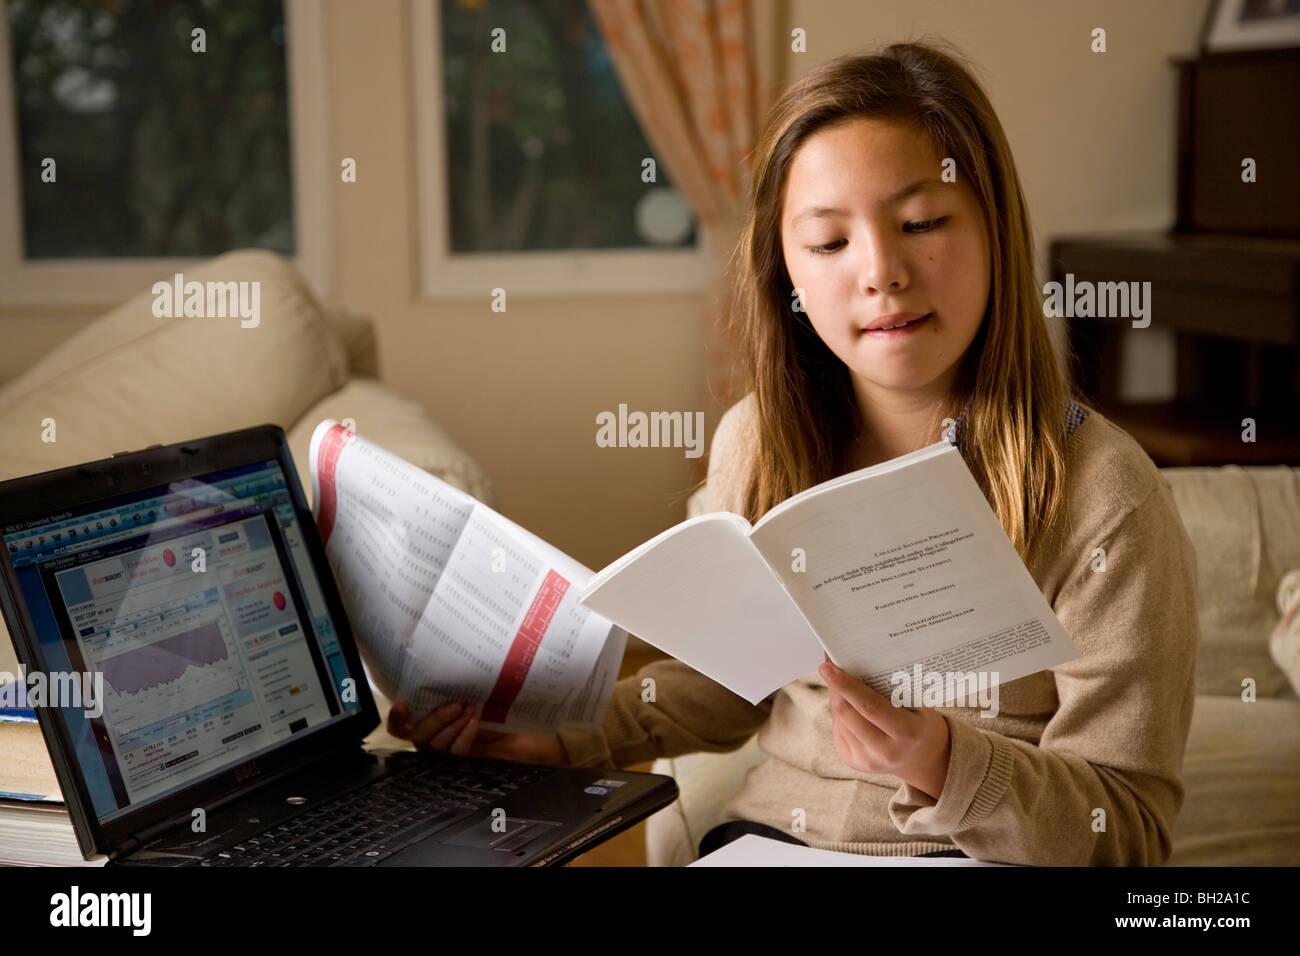 koreanisch wei junge m dchen 11 jahre alt macht finanzanalyse und investieren online stockfoto. Black Bedroom Furniture Sets. Home Design Ideas